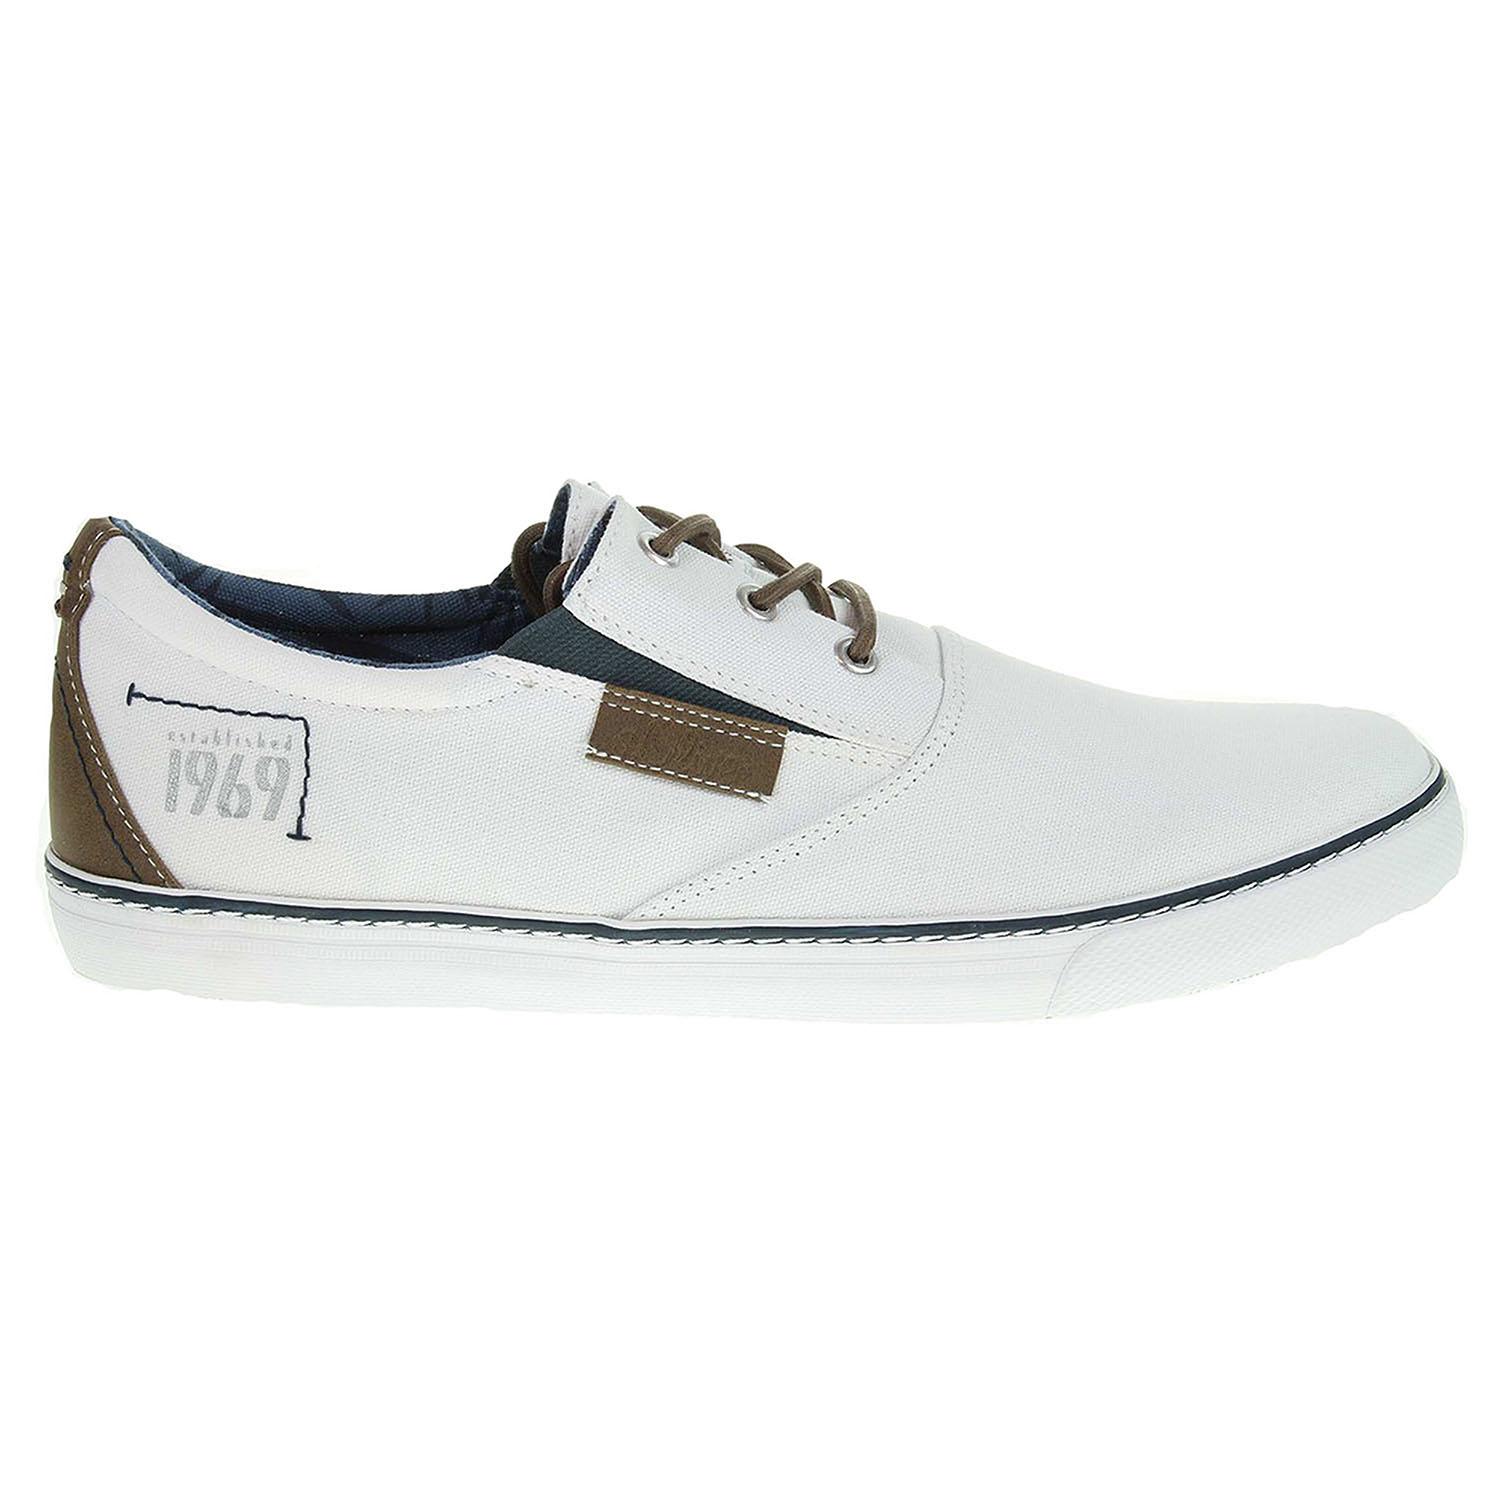 Ecco s.Oliver pánská obuv 5-13613-28 bílá 24000427